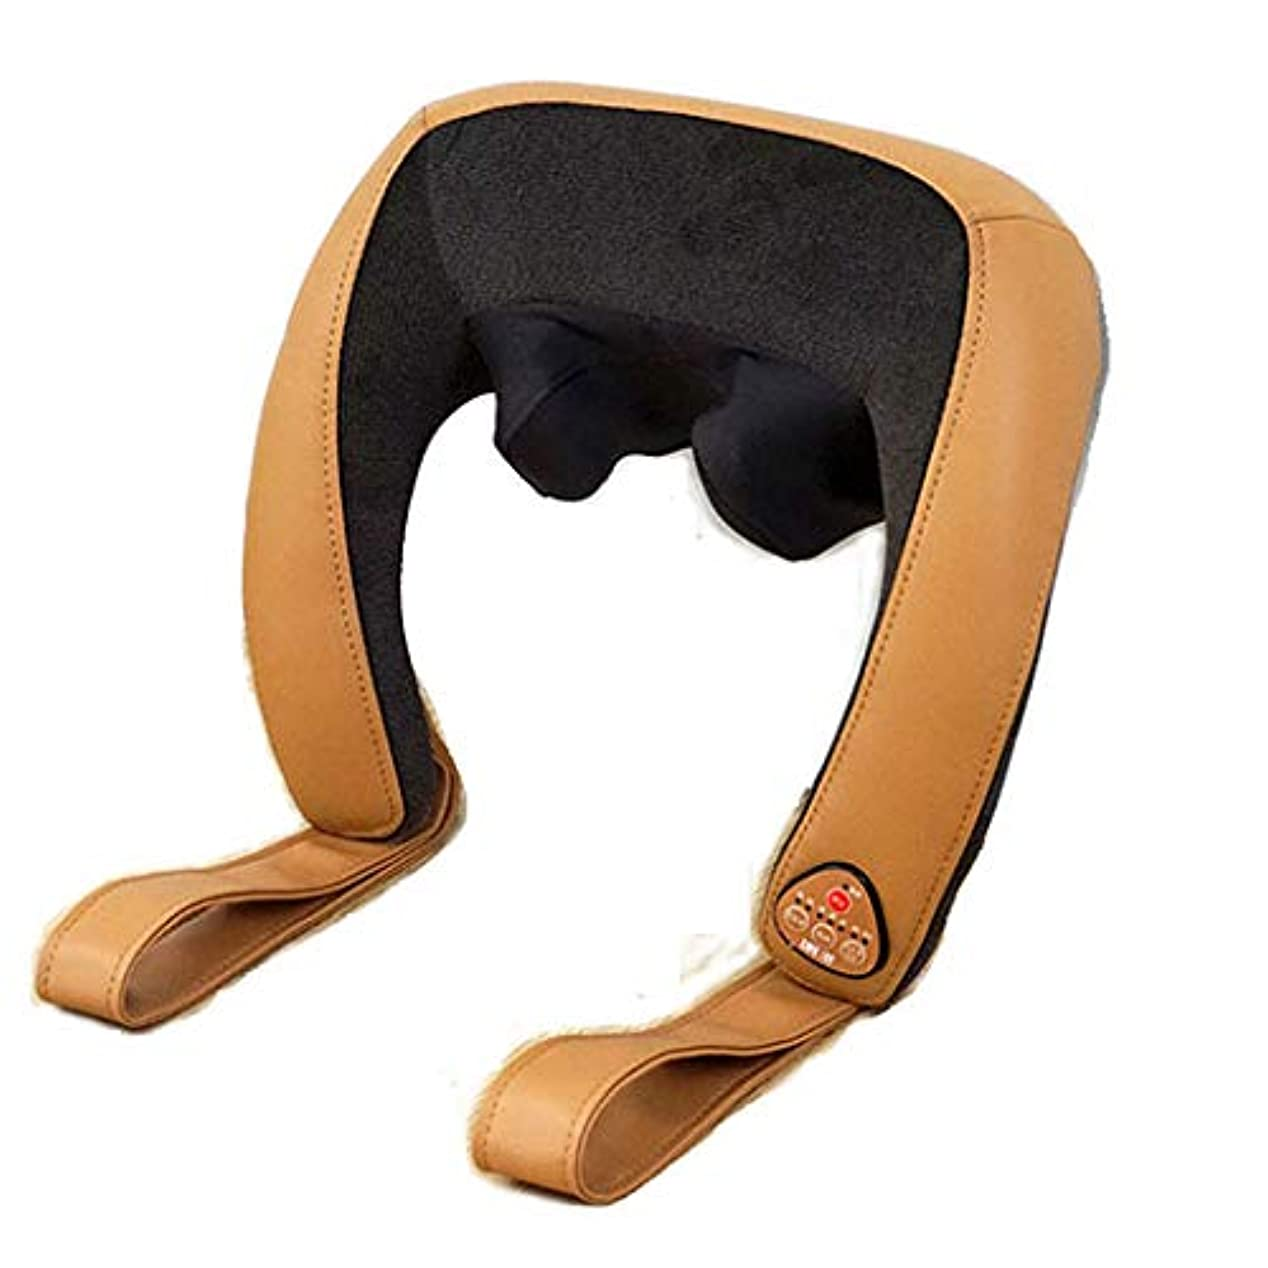 直感ビリーヤギ存在するLIFE FIT ライフフィット 親孝行 マッサージ器 「もみたたき機能搭載」首?肩マッサージ 肩こり改善